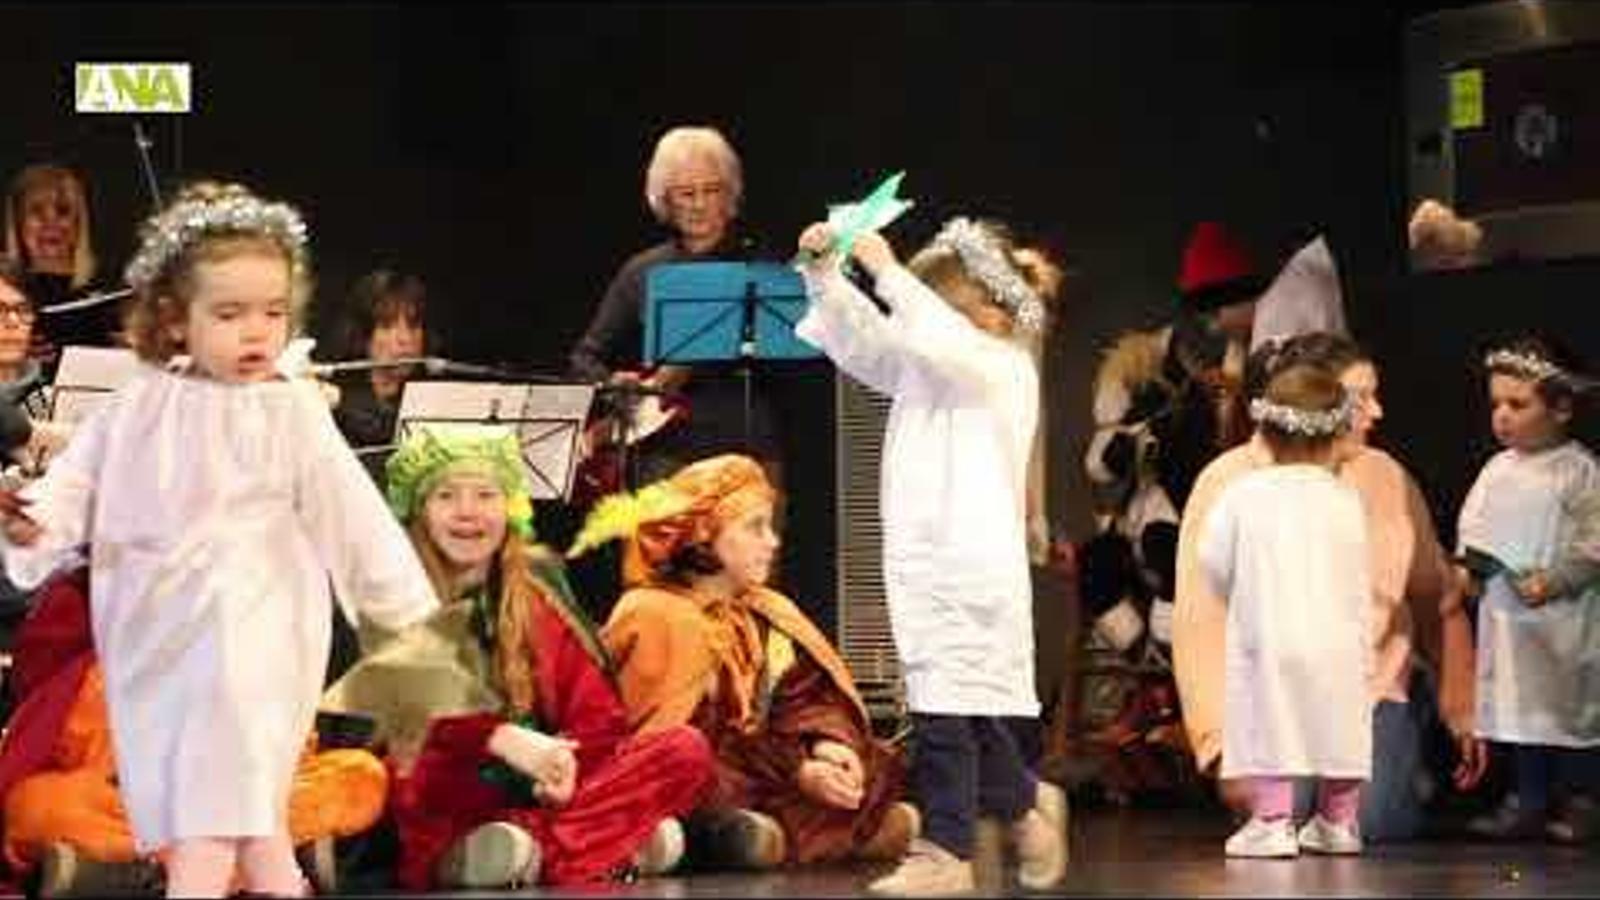 Cavalcada dels Reis Mags i representació d''Els Pastorets' a Ordino